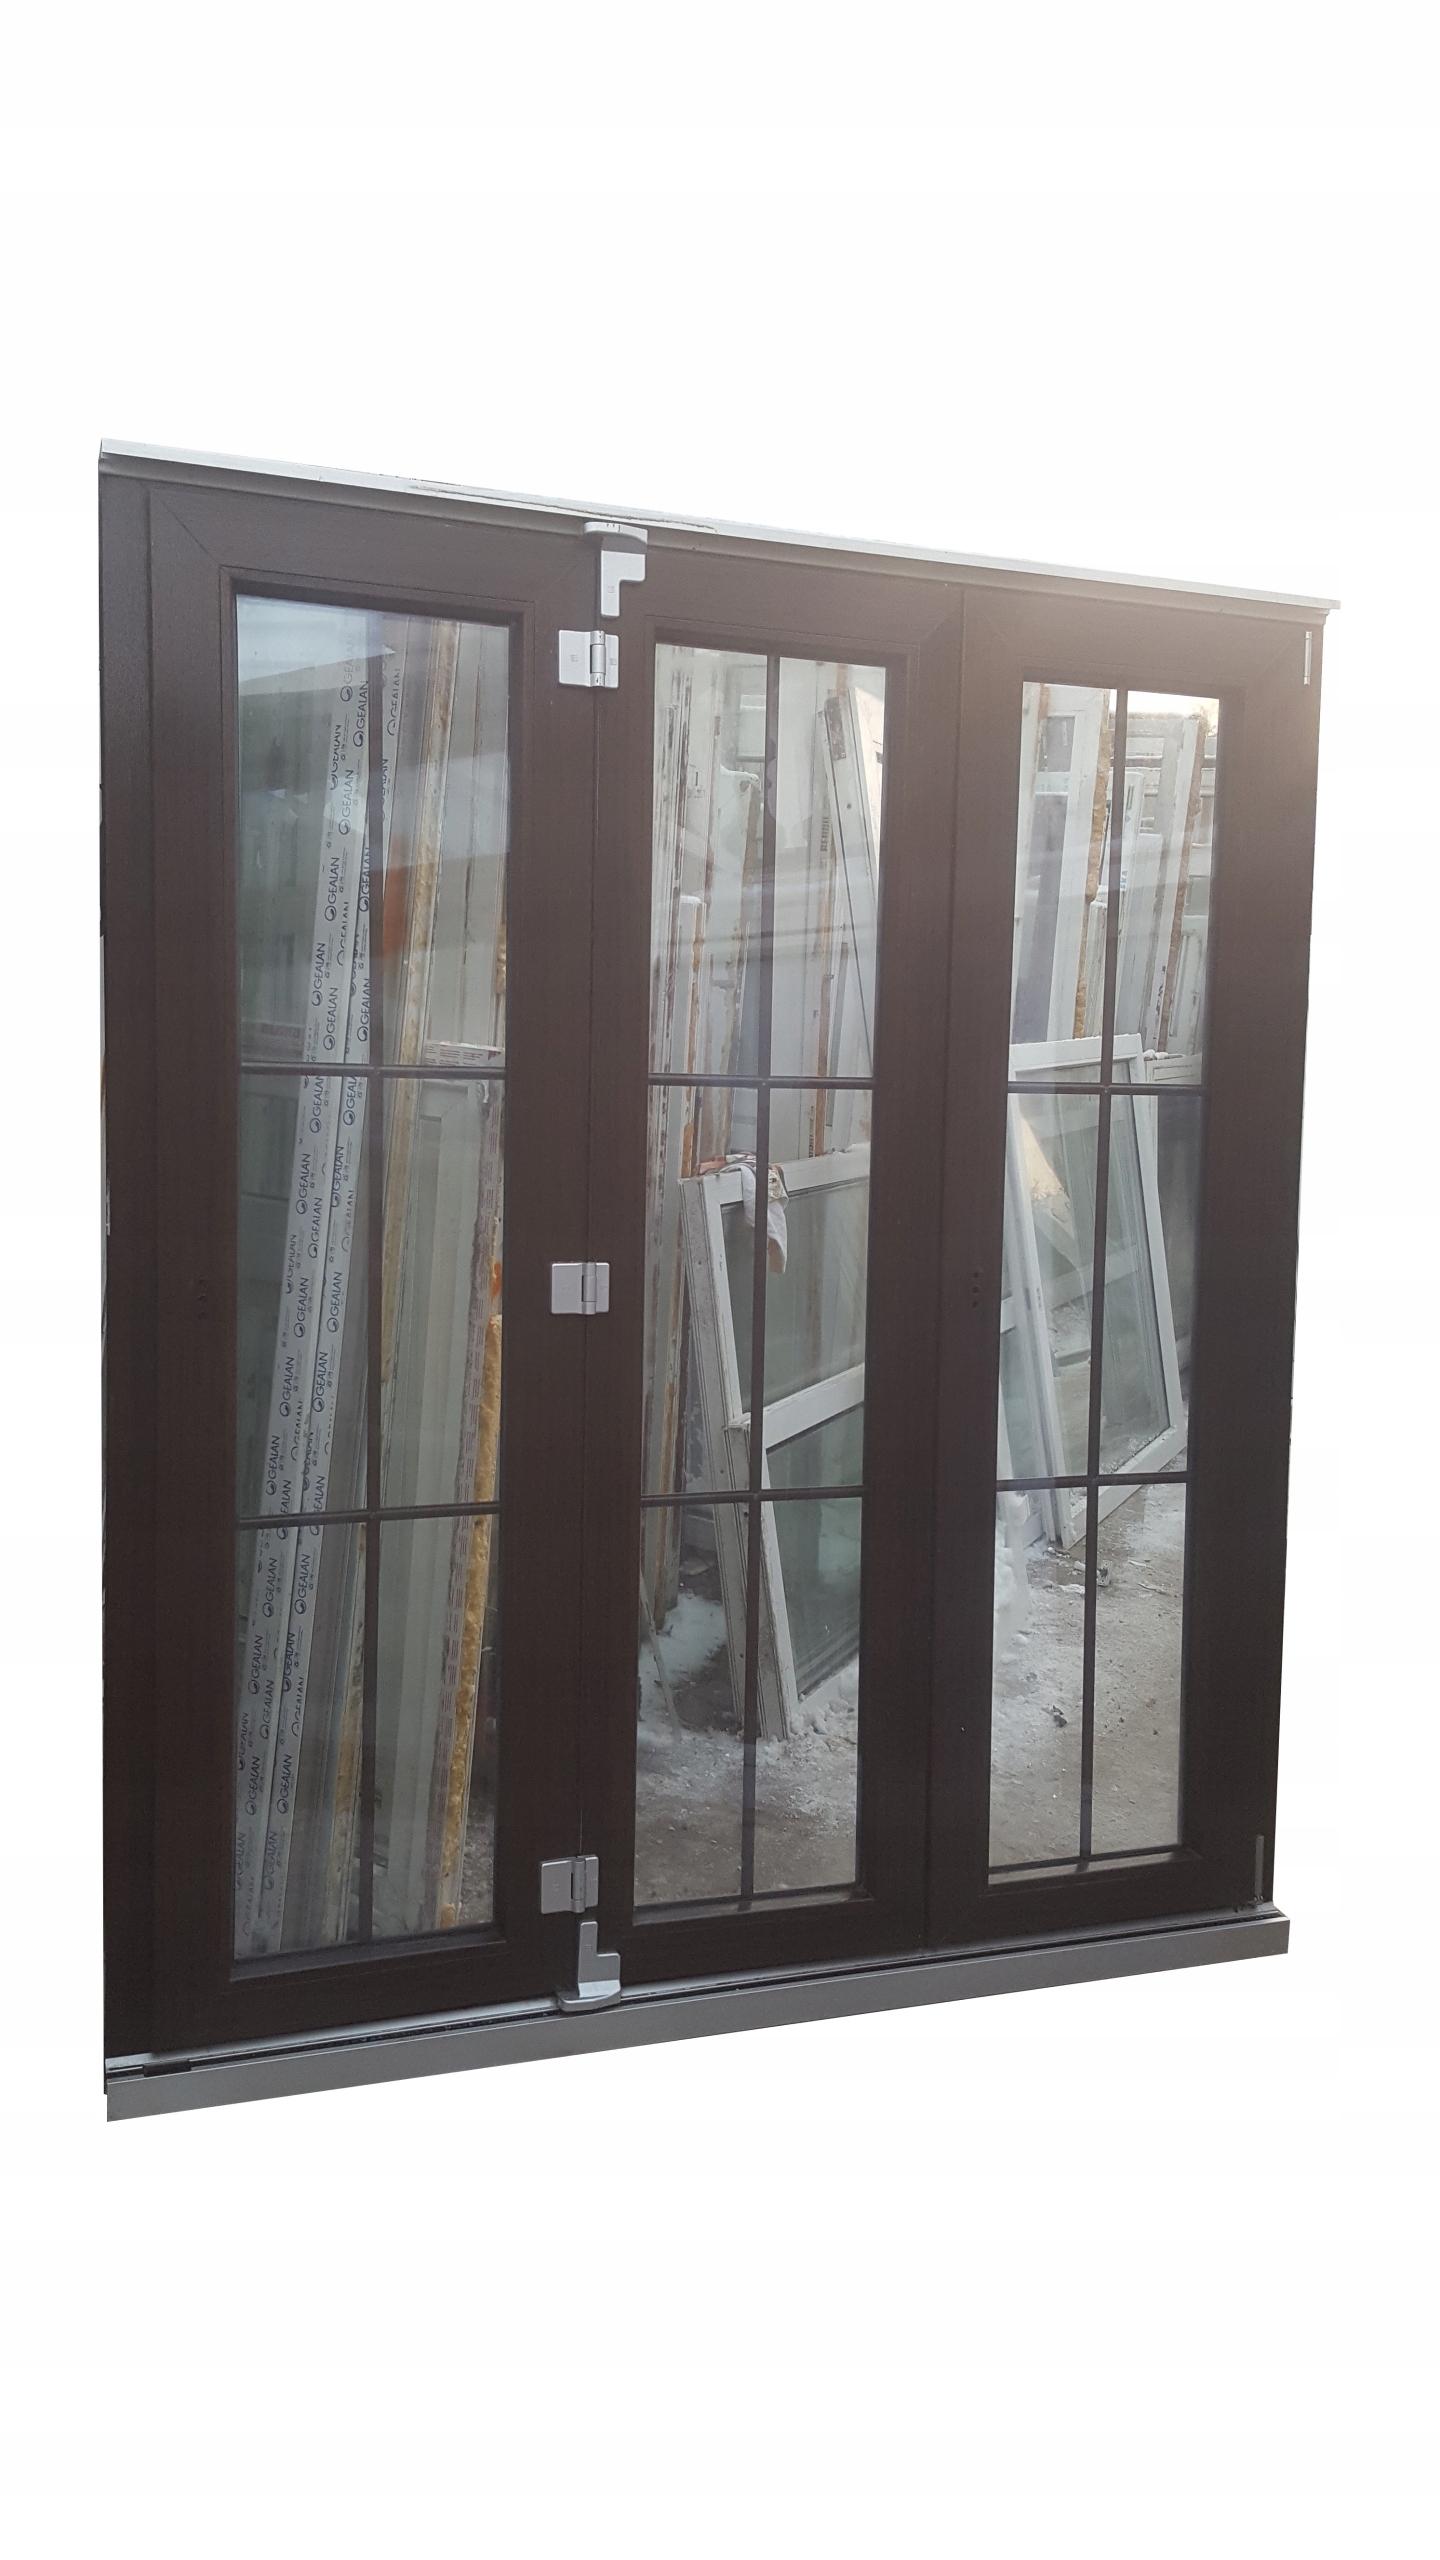 Drzwi Tarasowe Harmonijkowe Przesuwne Pcv 180x204